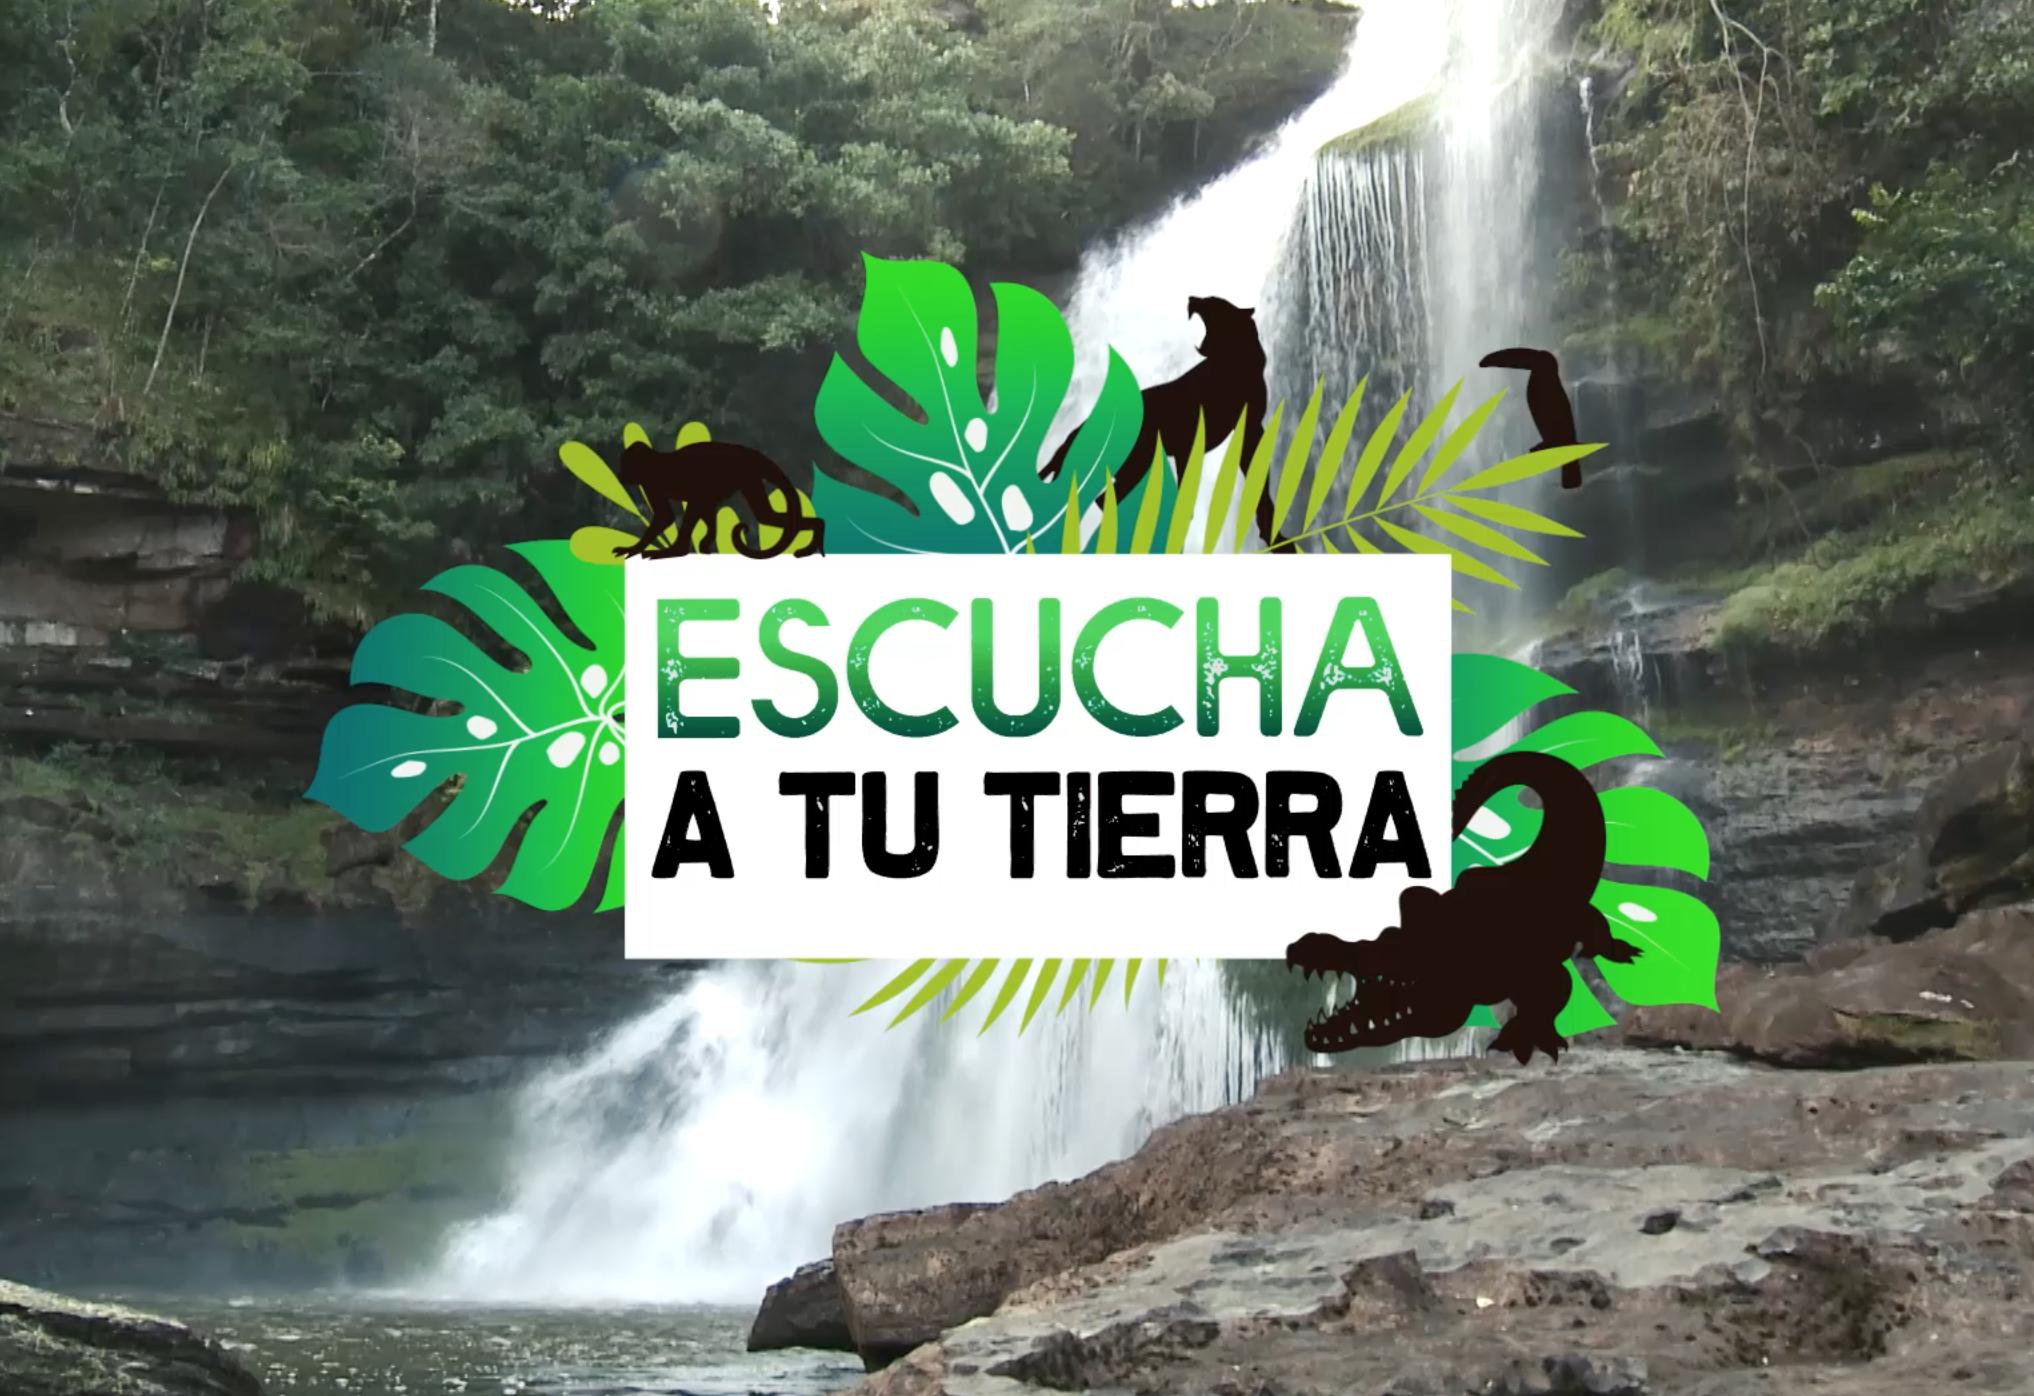 Caracol Televisión apoya la campaña 'Escucha a tu tierra', una inciativa para dar a conocer paisajes biodiversos y especies extraordinarias del país